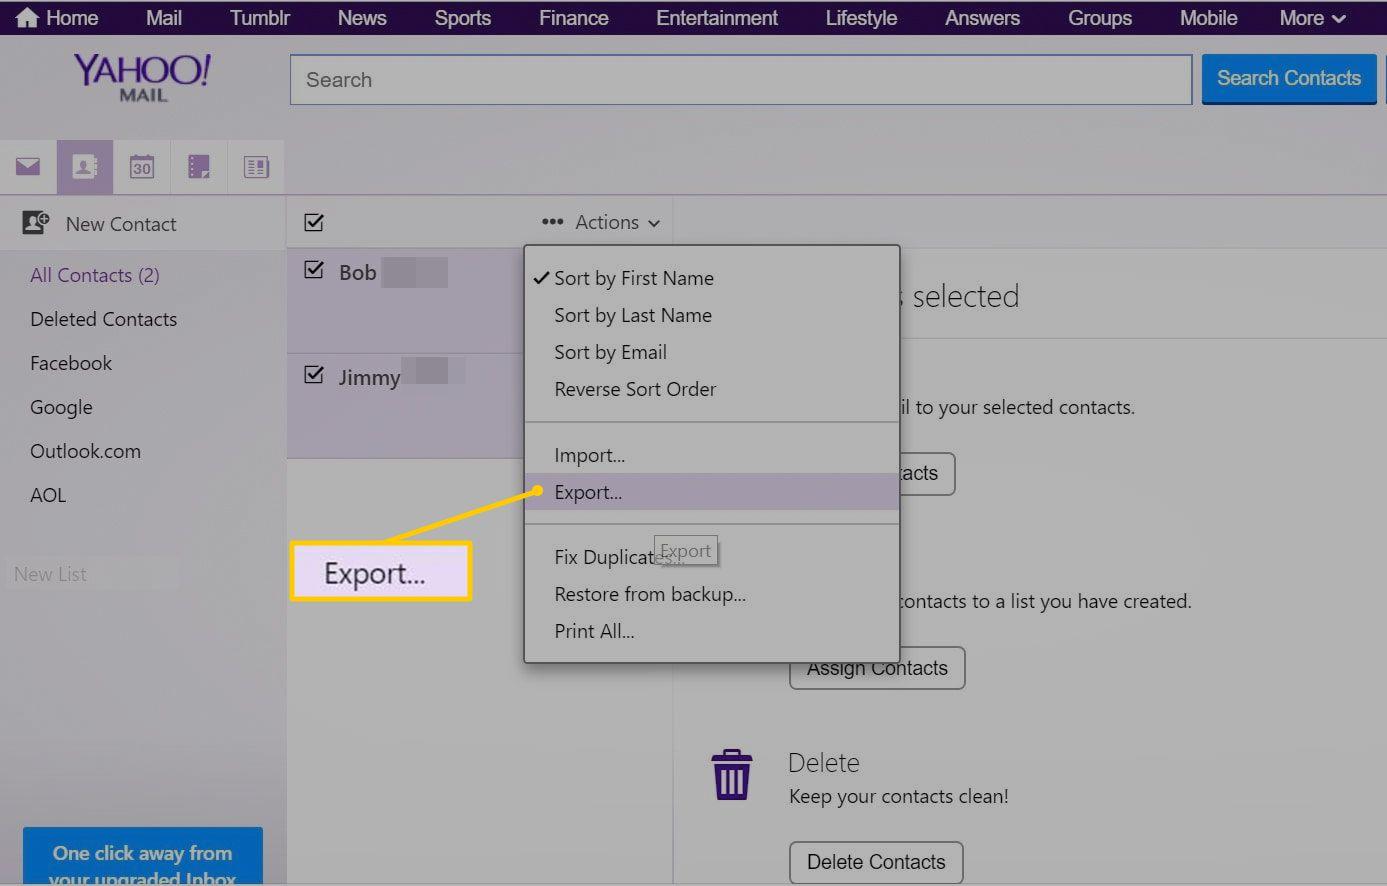 Export menu item in Yahoo Mail Actions menu